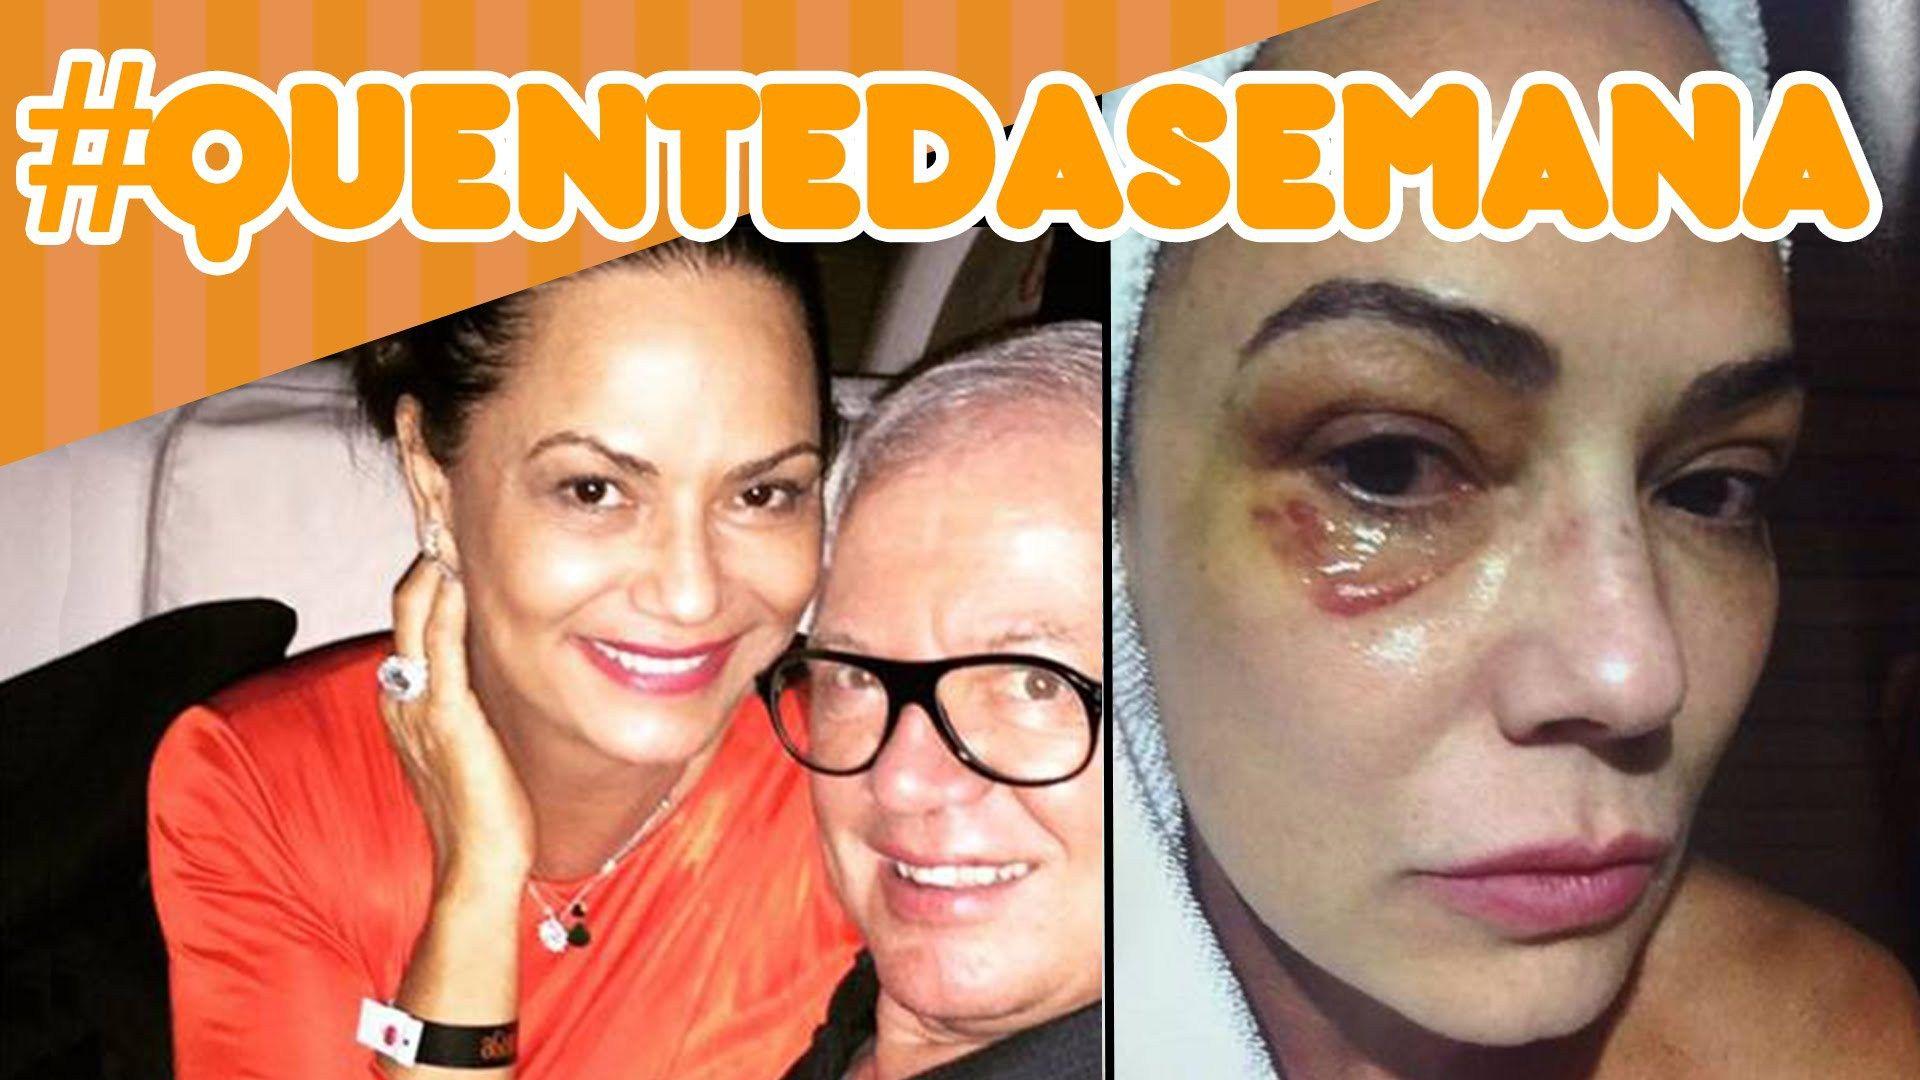 Sobre Luiza Brunet, o ex-namorado Lirio e violência contra a mulher #QuenteDaSemana21 @PopZoneTV  http://popzone.tv/2016/07/sobre-luiza-brunet-o-ex-namorado-lirio-e-violencia-contra-a-mulher-quentedasemana21-popzonetv.html